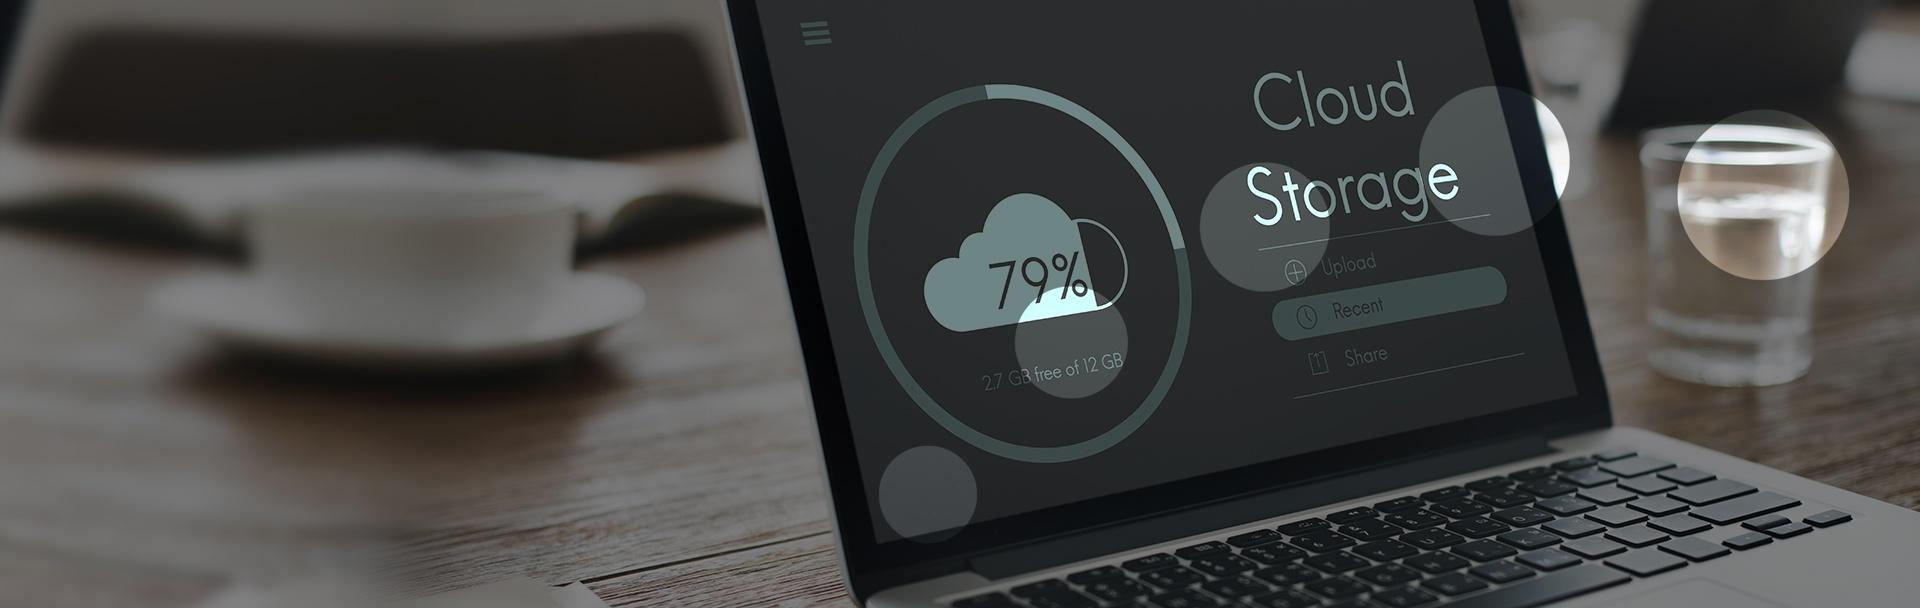 solucionweb-blog-banner-Adios-al-disco-duro-Es-hora-de-almacenar-tu-informacion-en-la-nube.jpg